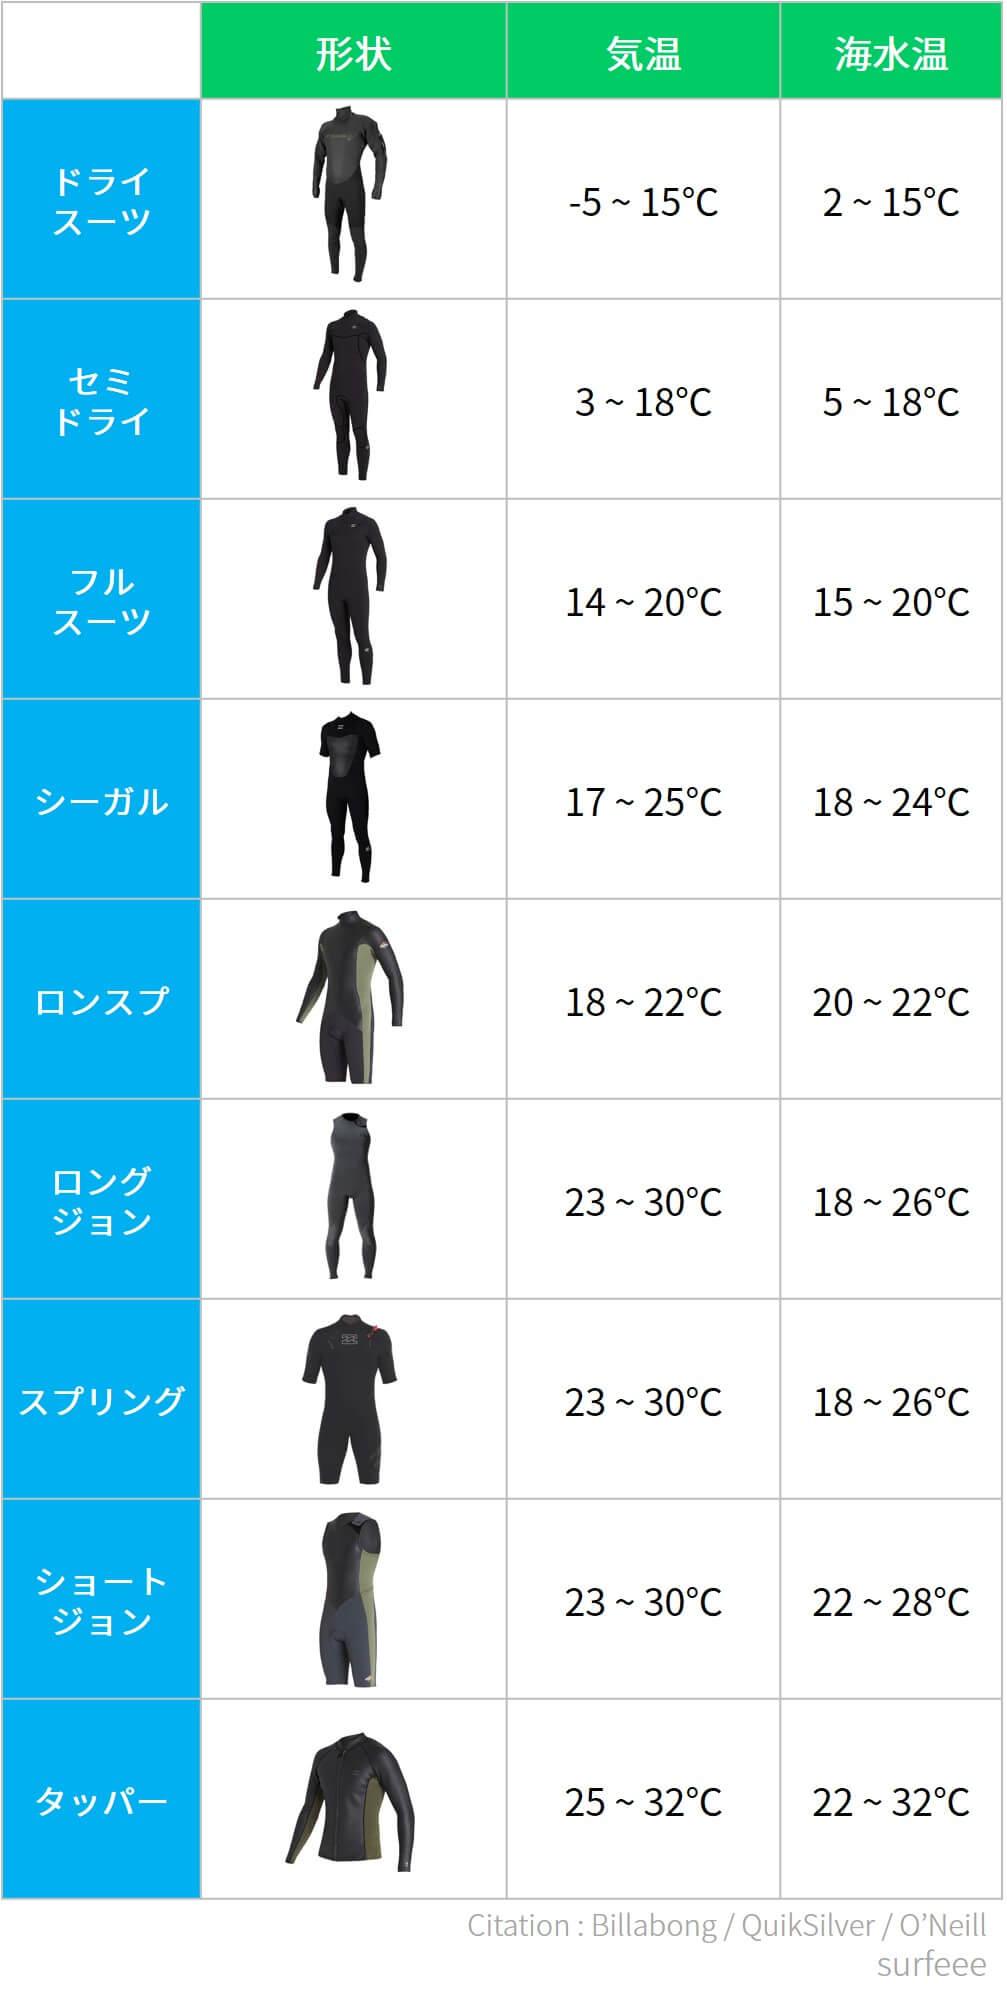 ウェットスーツと気温・海水温のマッピング